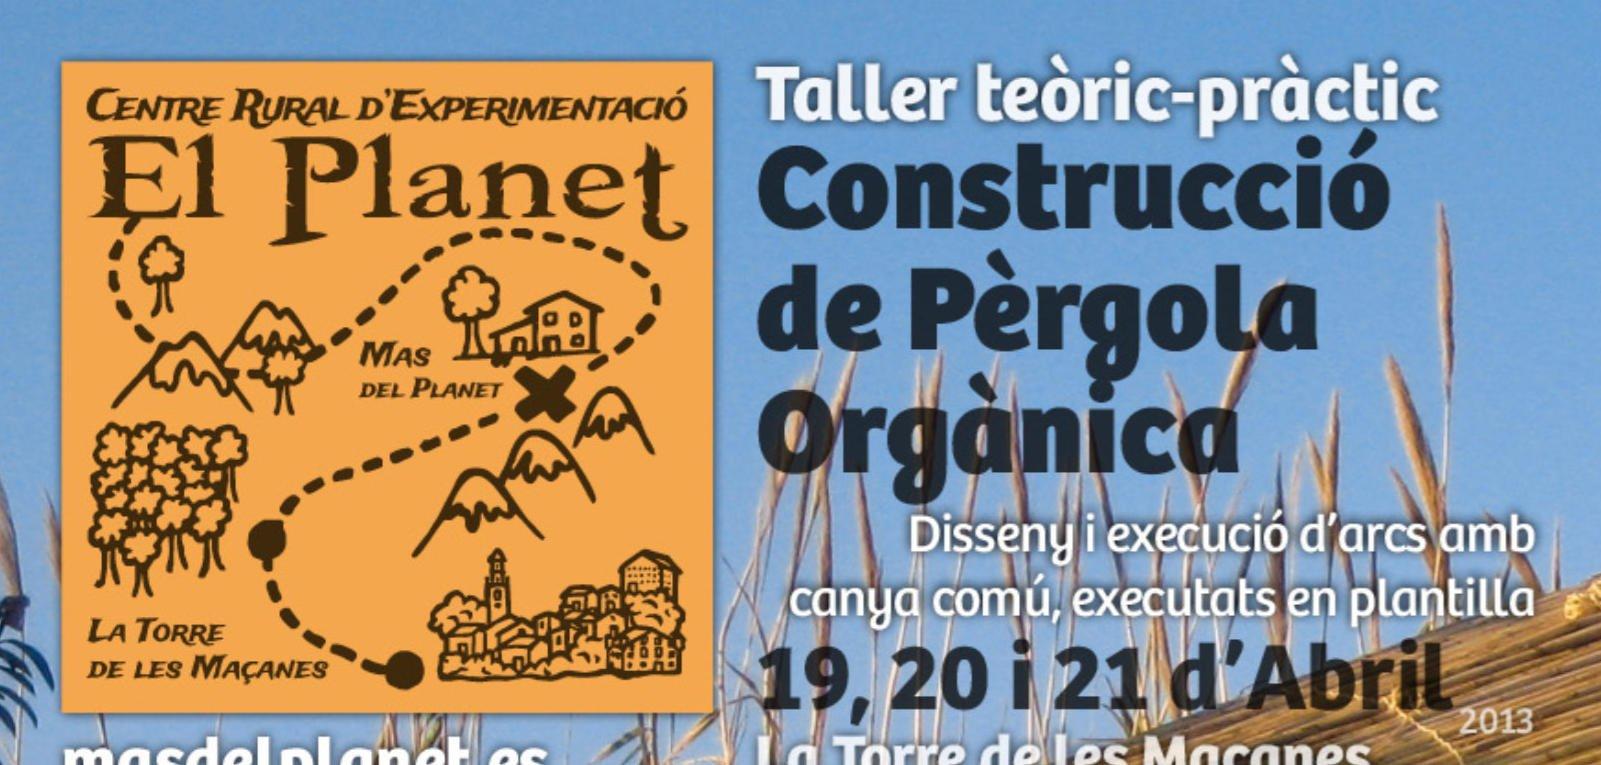 Taller de Construcció de Pèrgola Orgànica